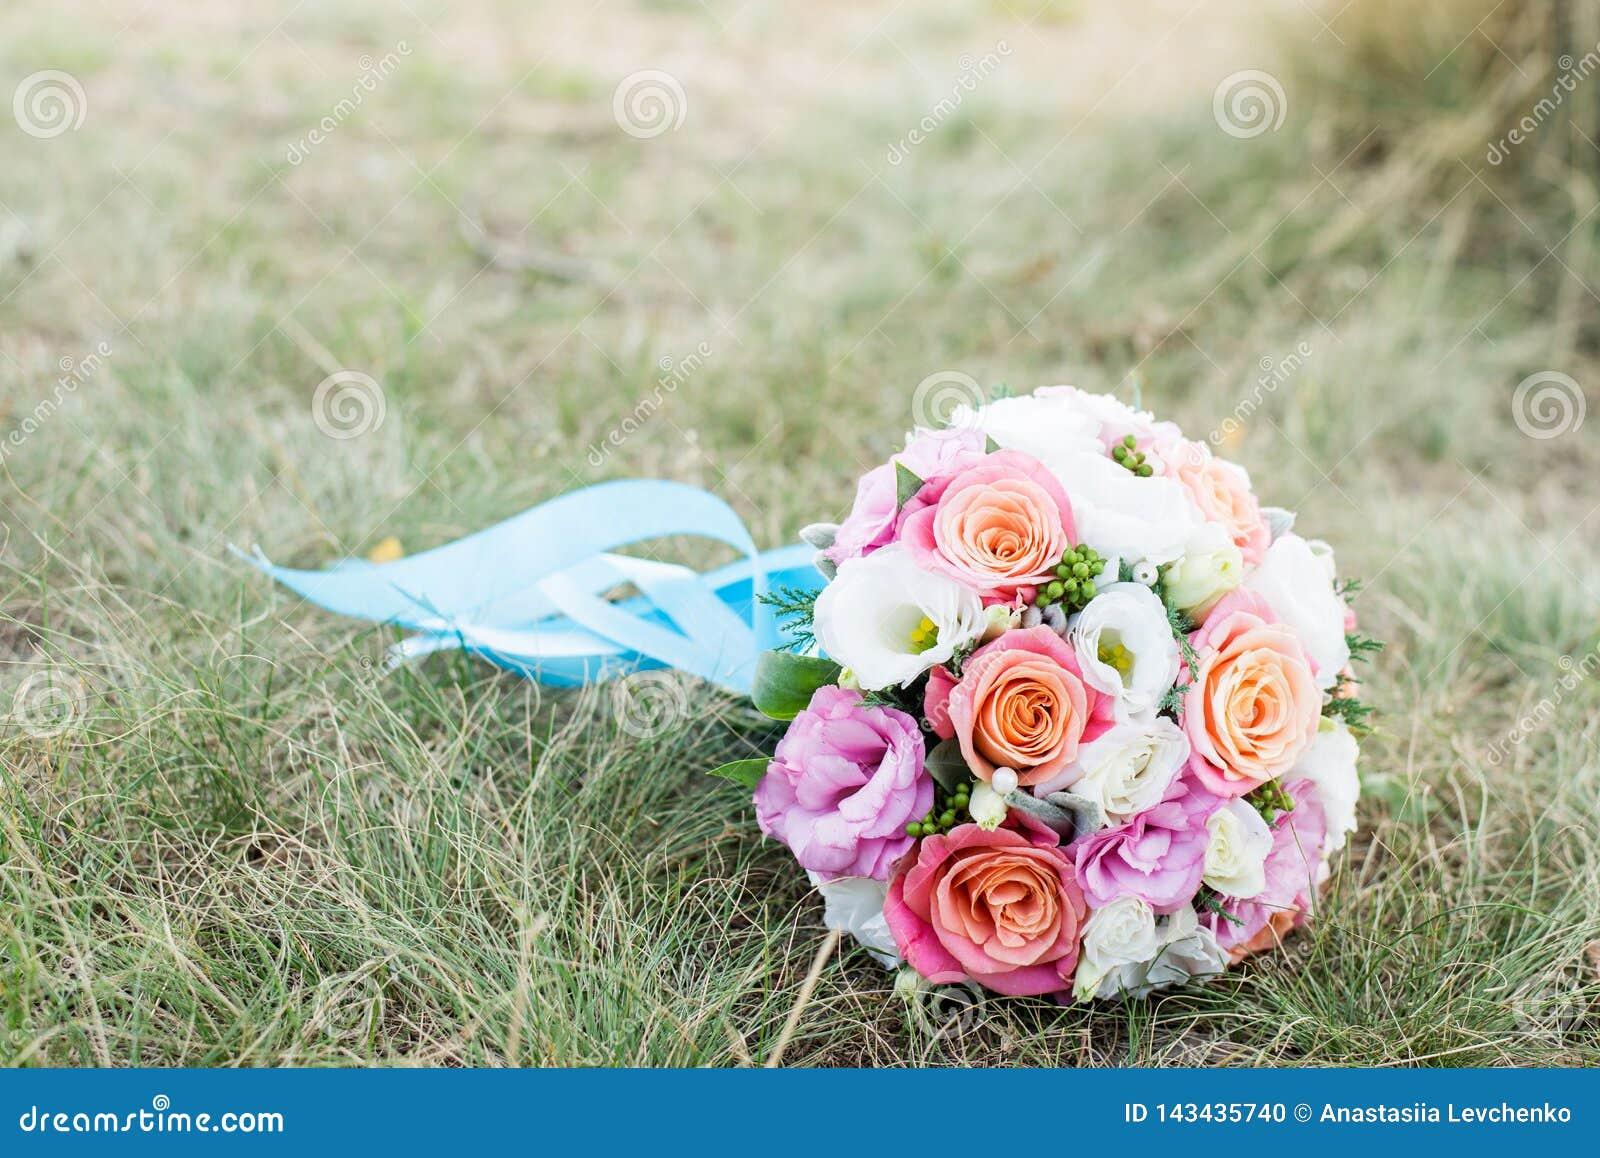 Br?llop f?r reng?ringsduk f?r mall f?r sida f?r bakgrundskorth?lsning universal Brudens bukett med rosa och vita blommor på gräse